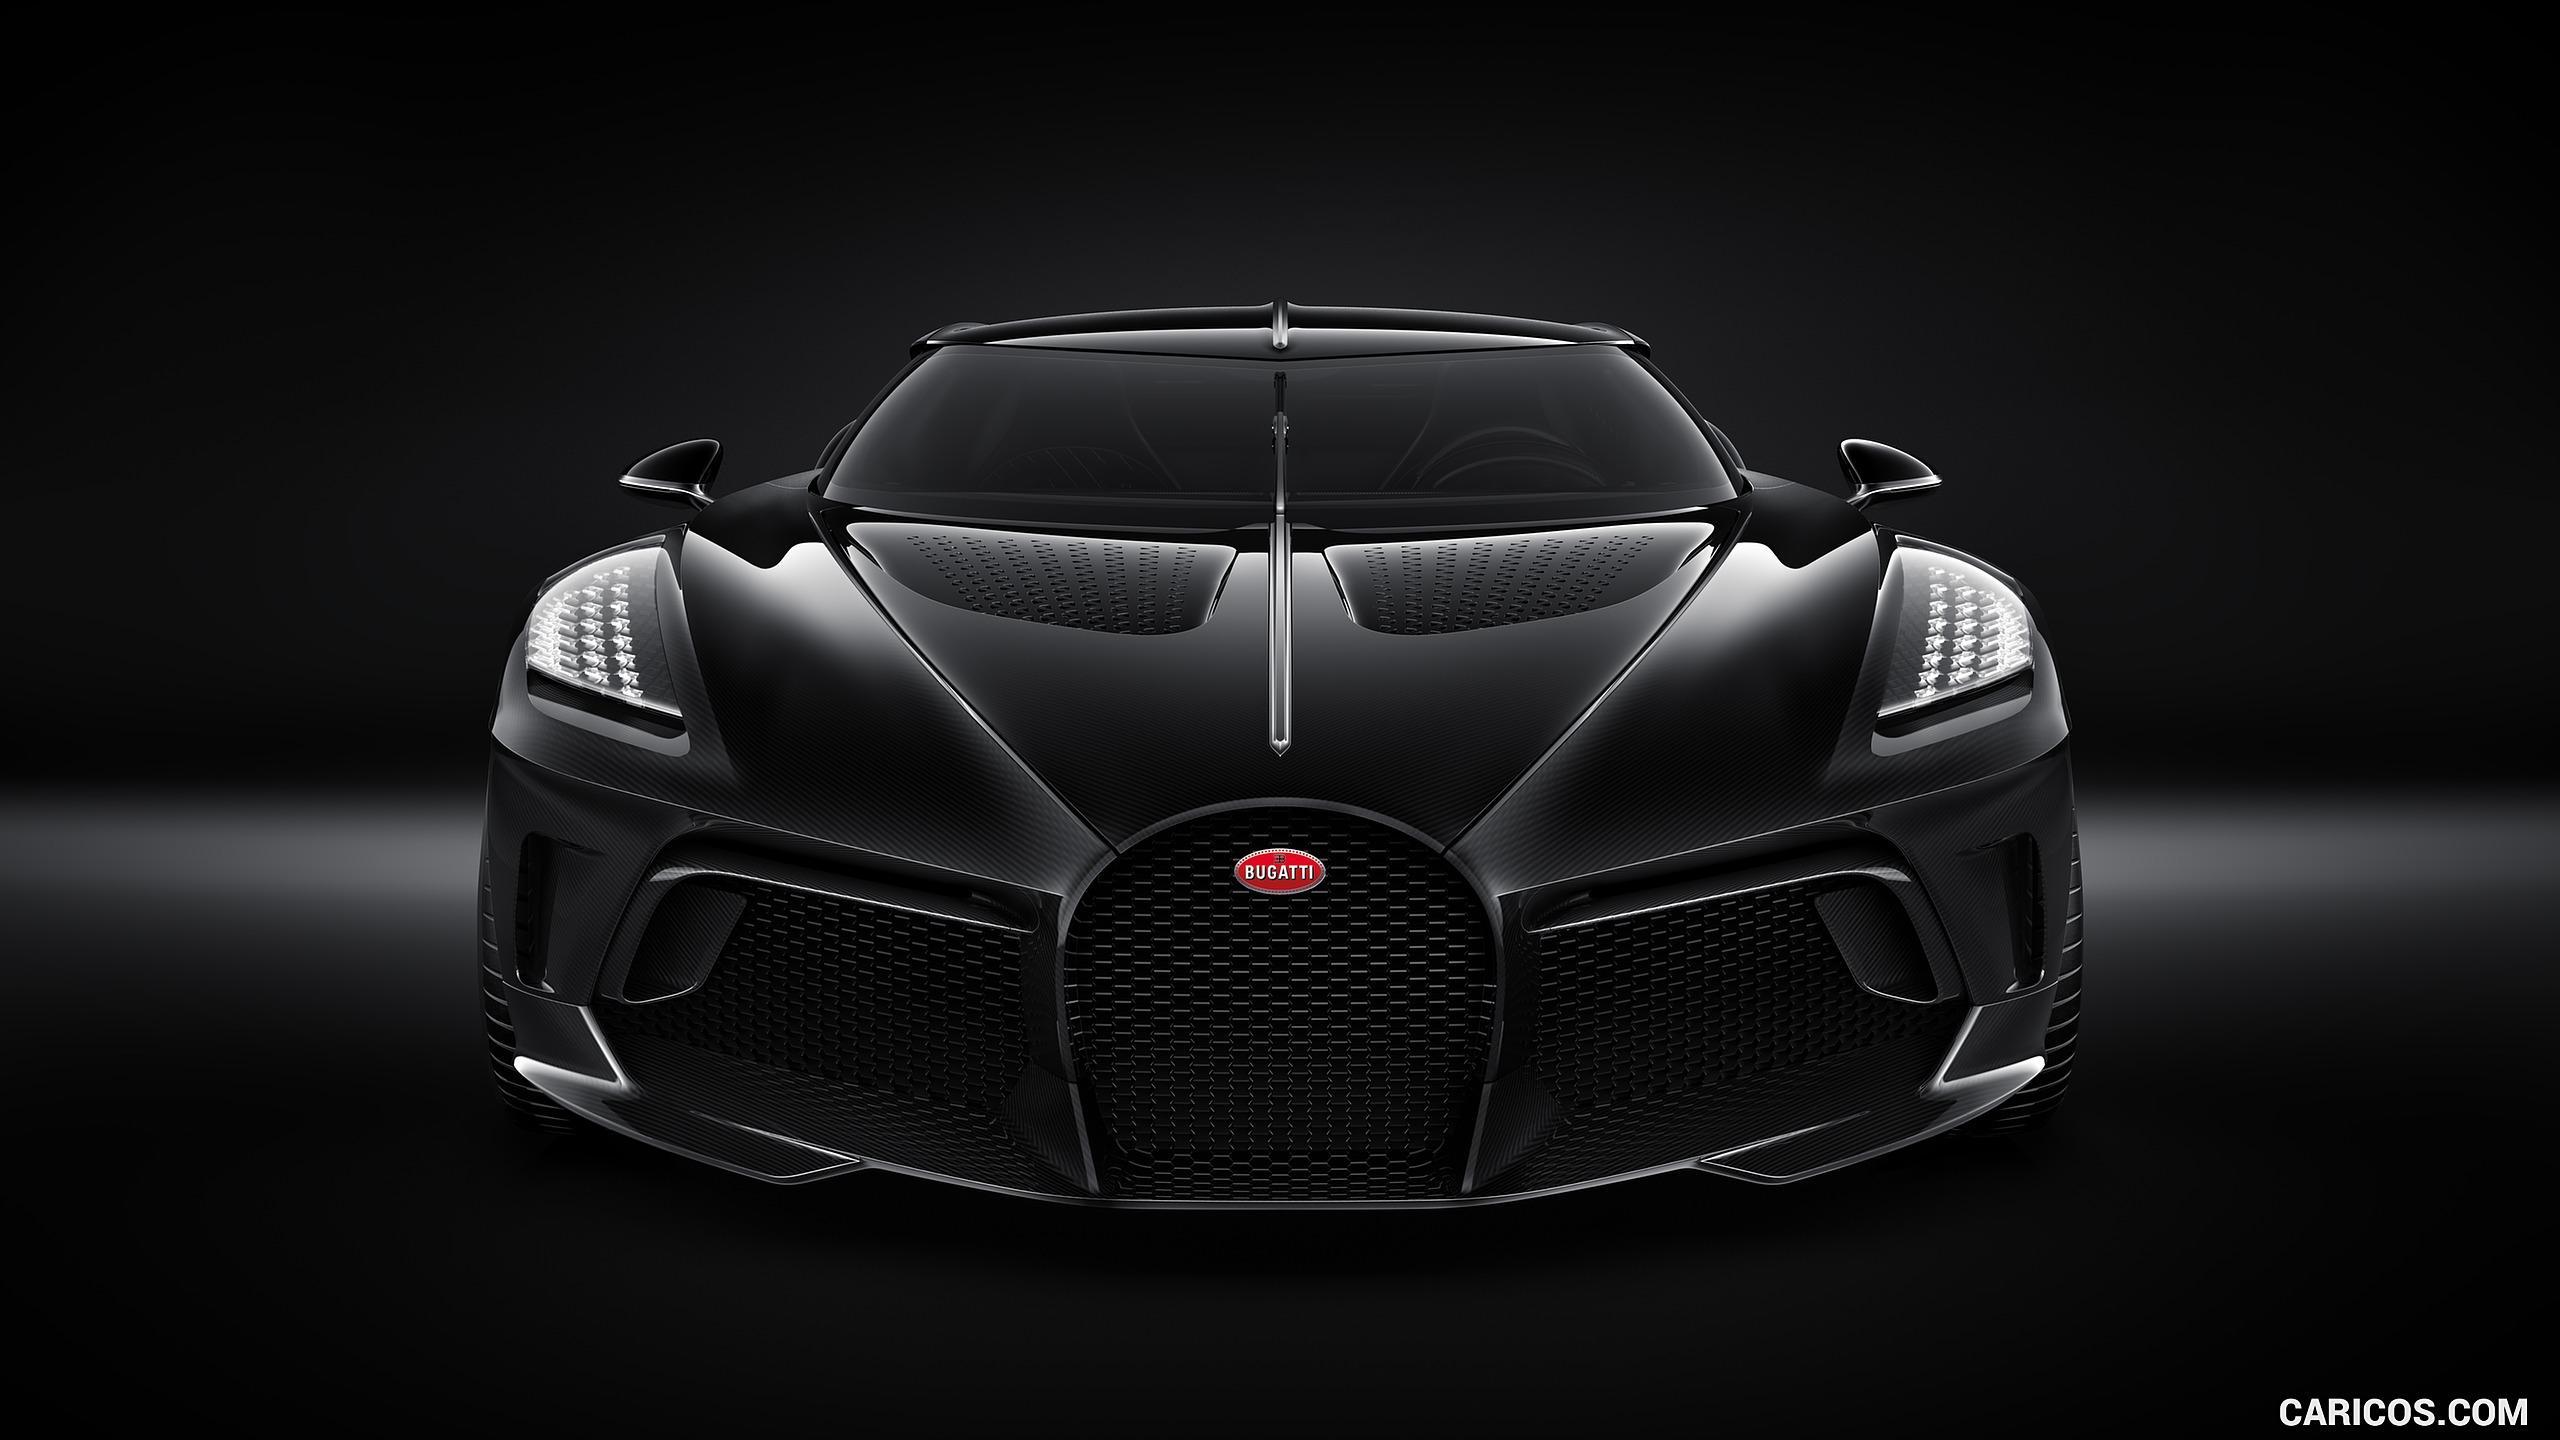 Bugatti La Voiture Noire Wallpapers Wallpaper Cave